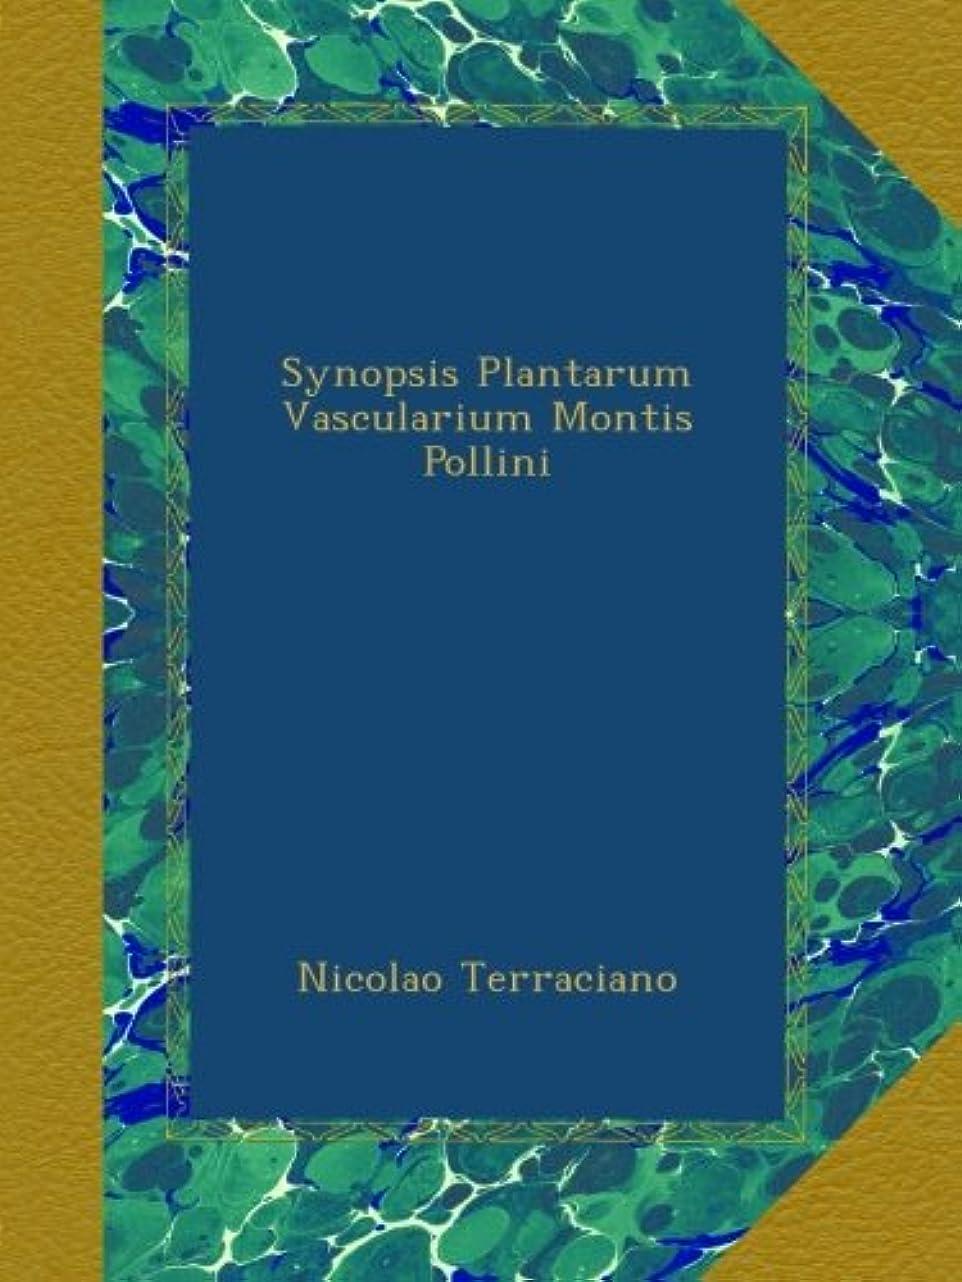 頑固な遊びます狼Synopsis Plantarum Vascularium Montis Pollini